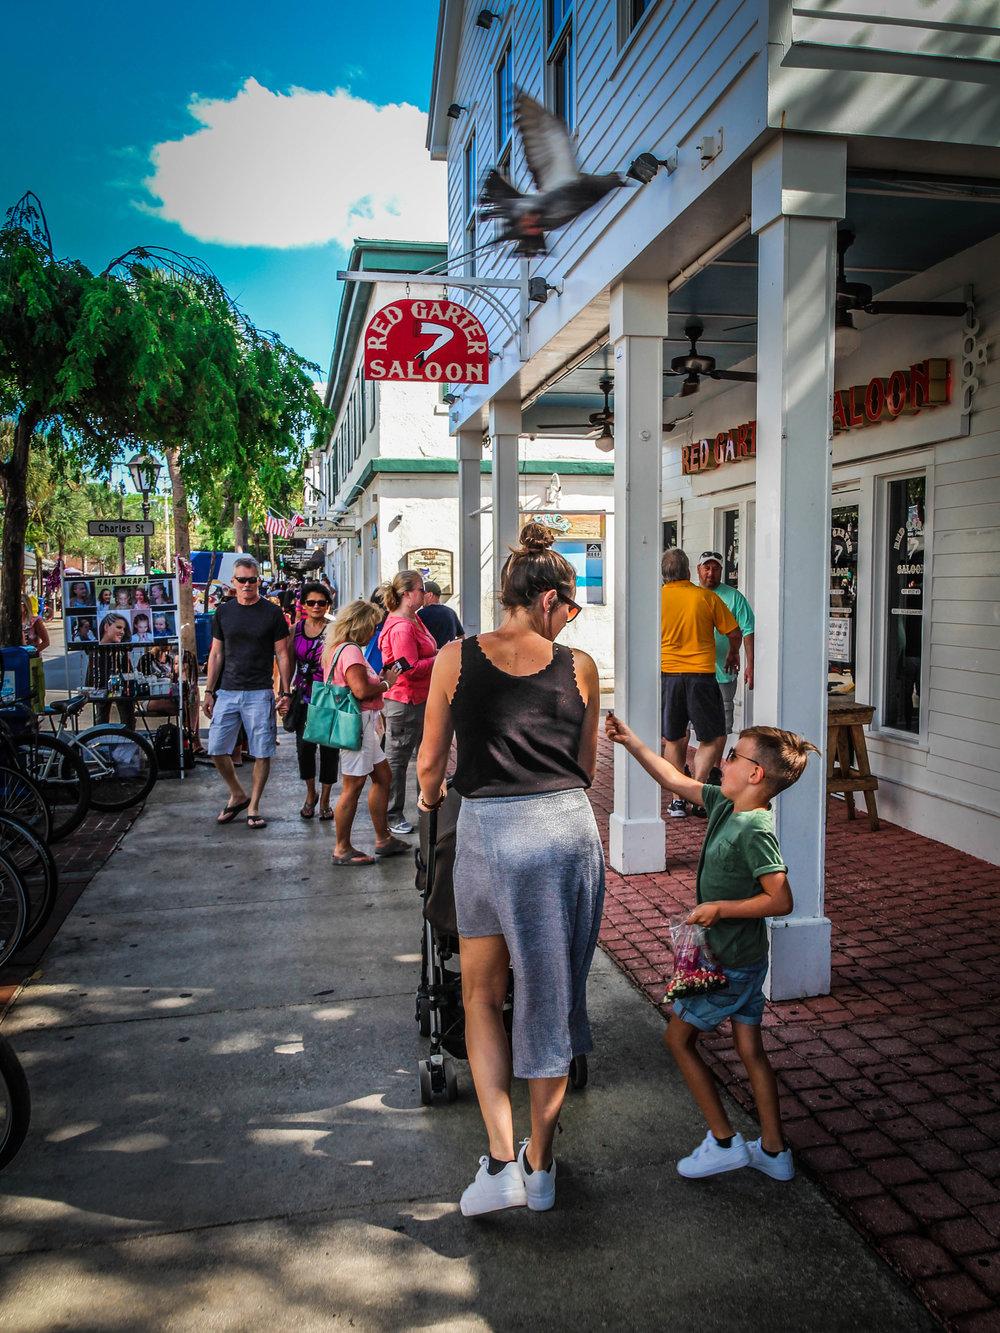 Florida_keys-_Key_west_To_do_reizen_met_kinderen-19.jpg